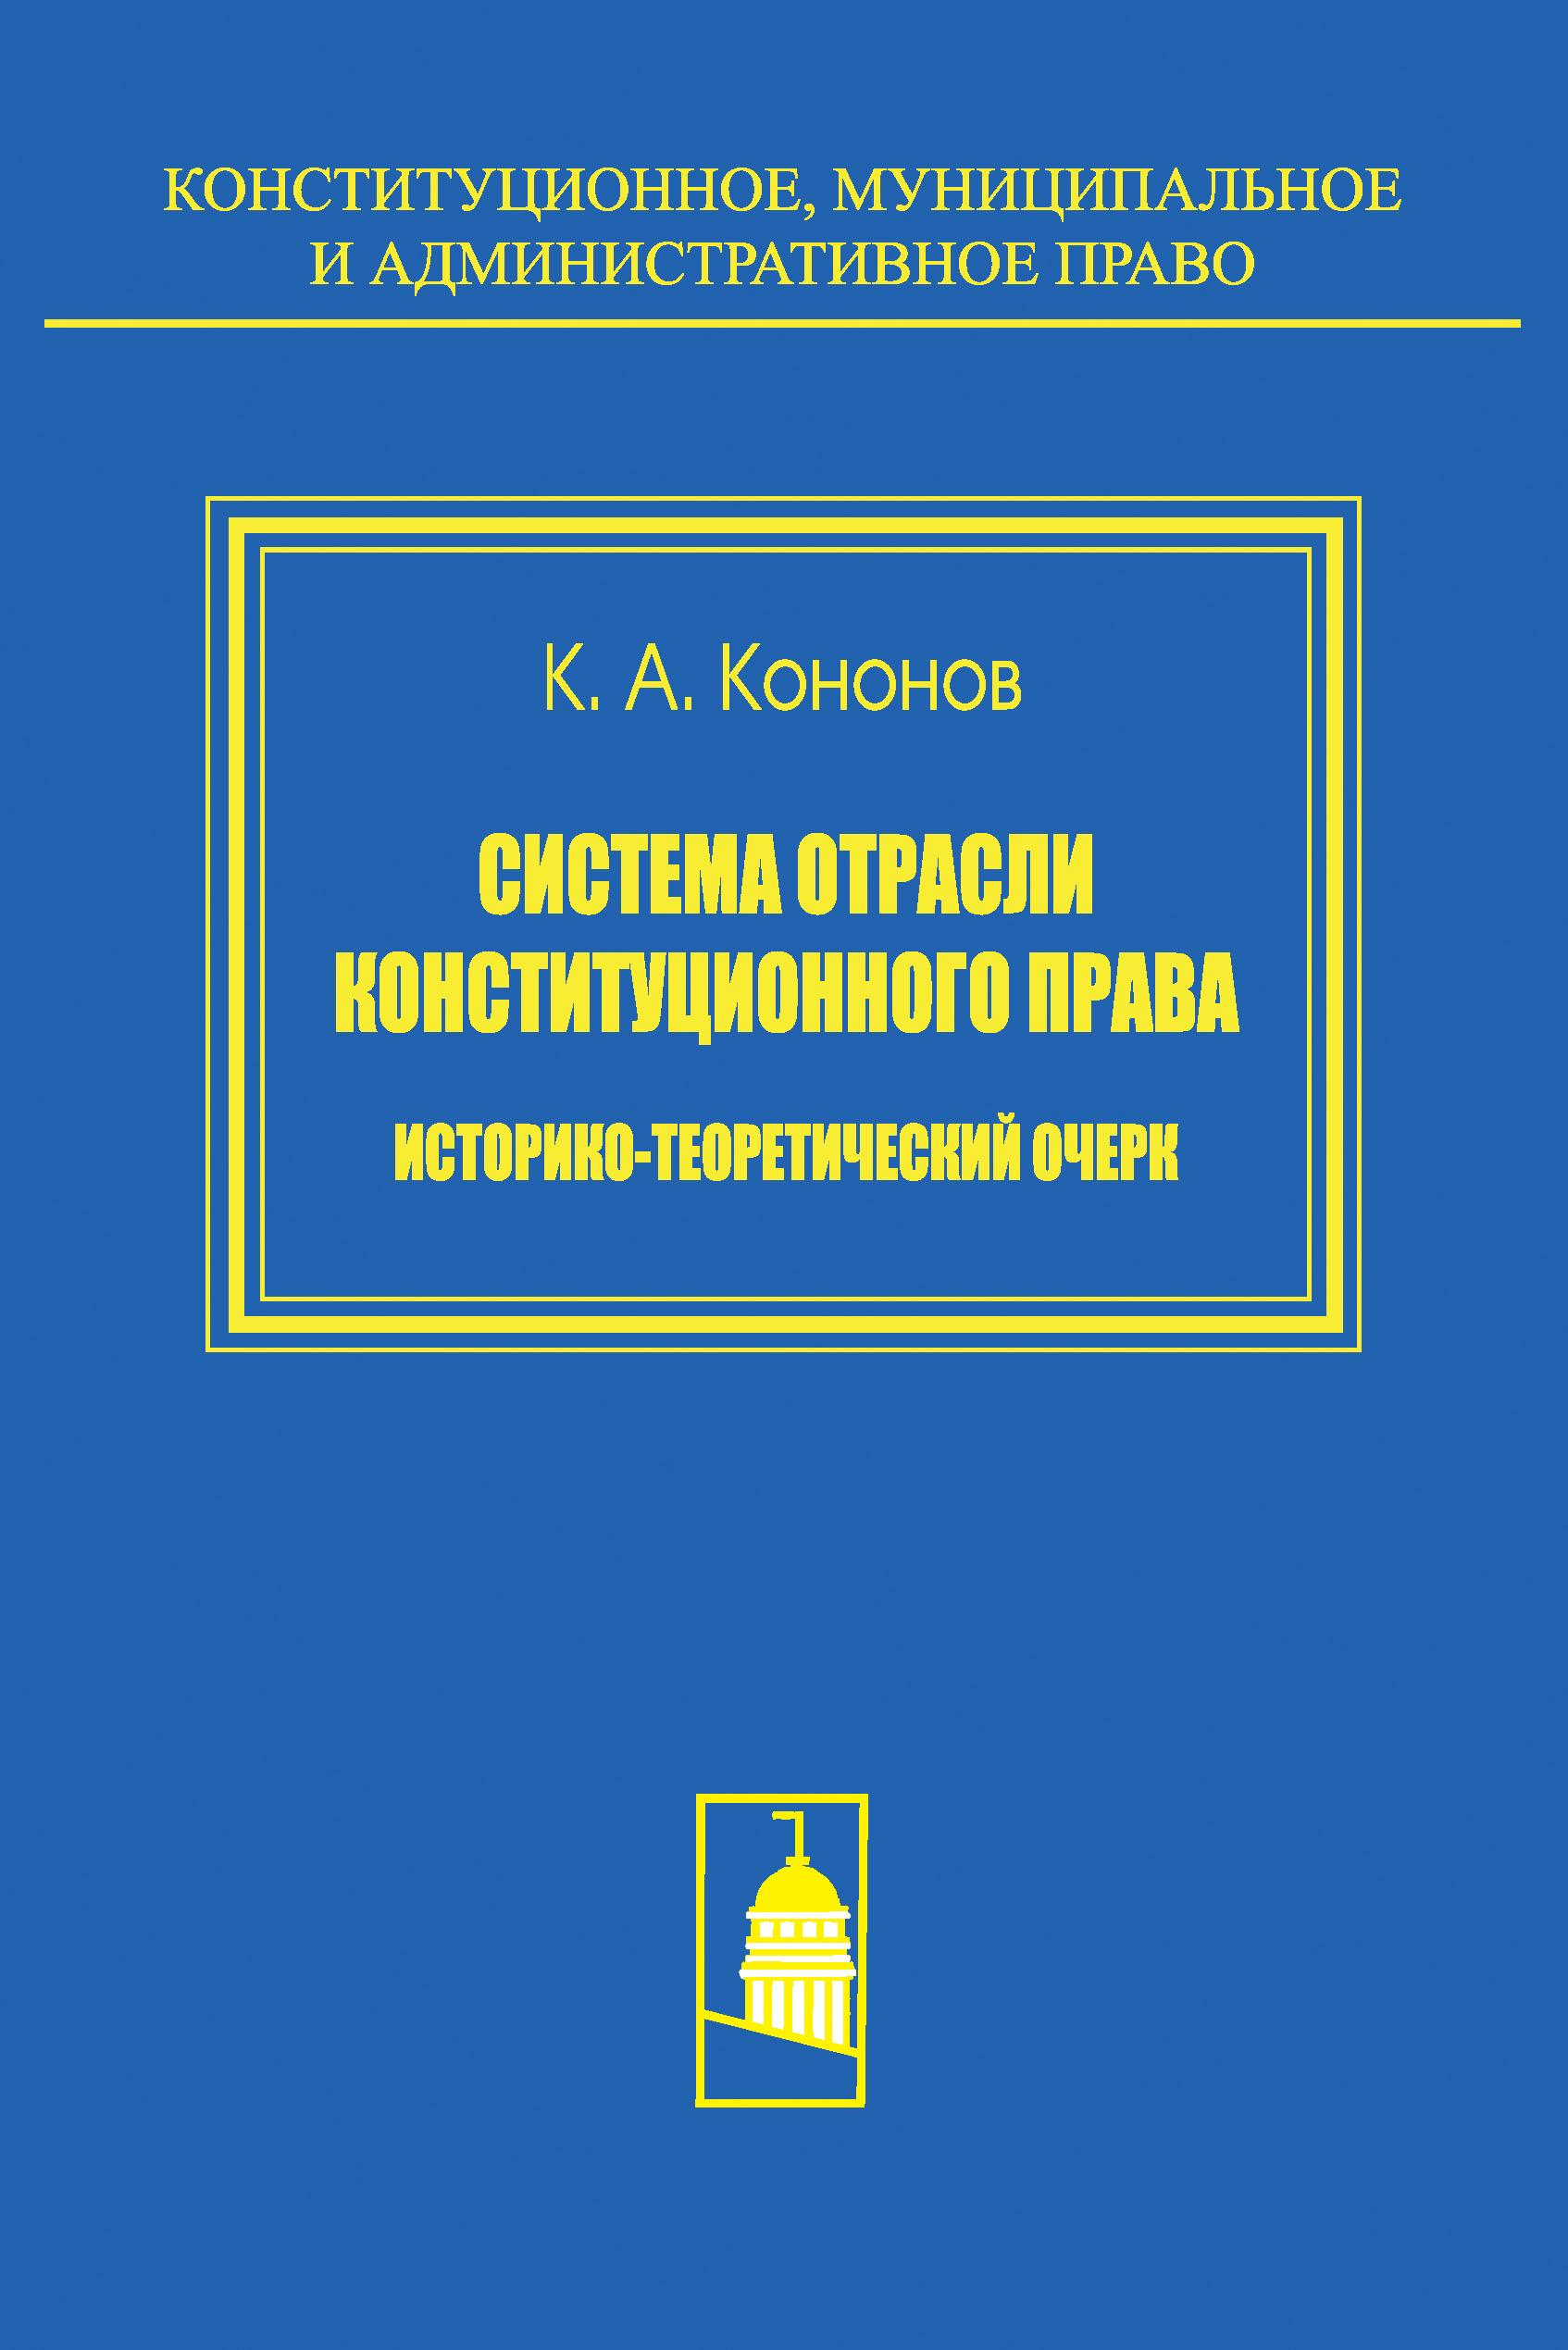 Кирилл Кононов Система отрасли конституционного права. Историко-теоретический очерк